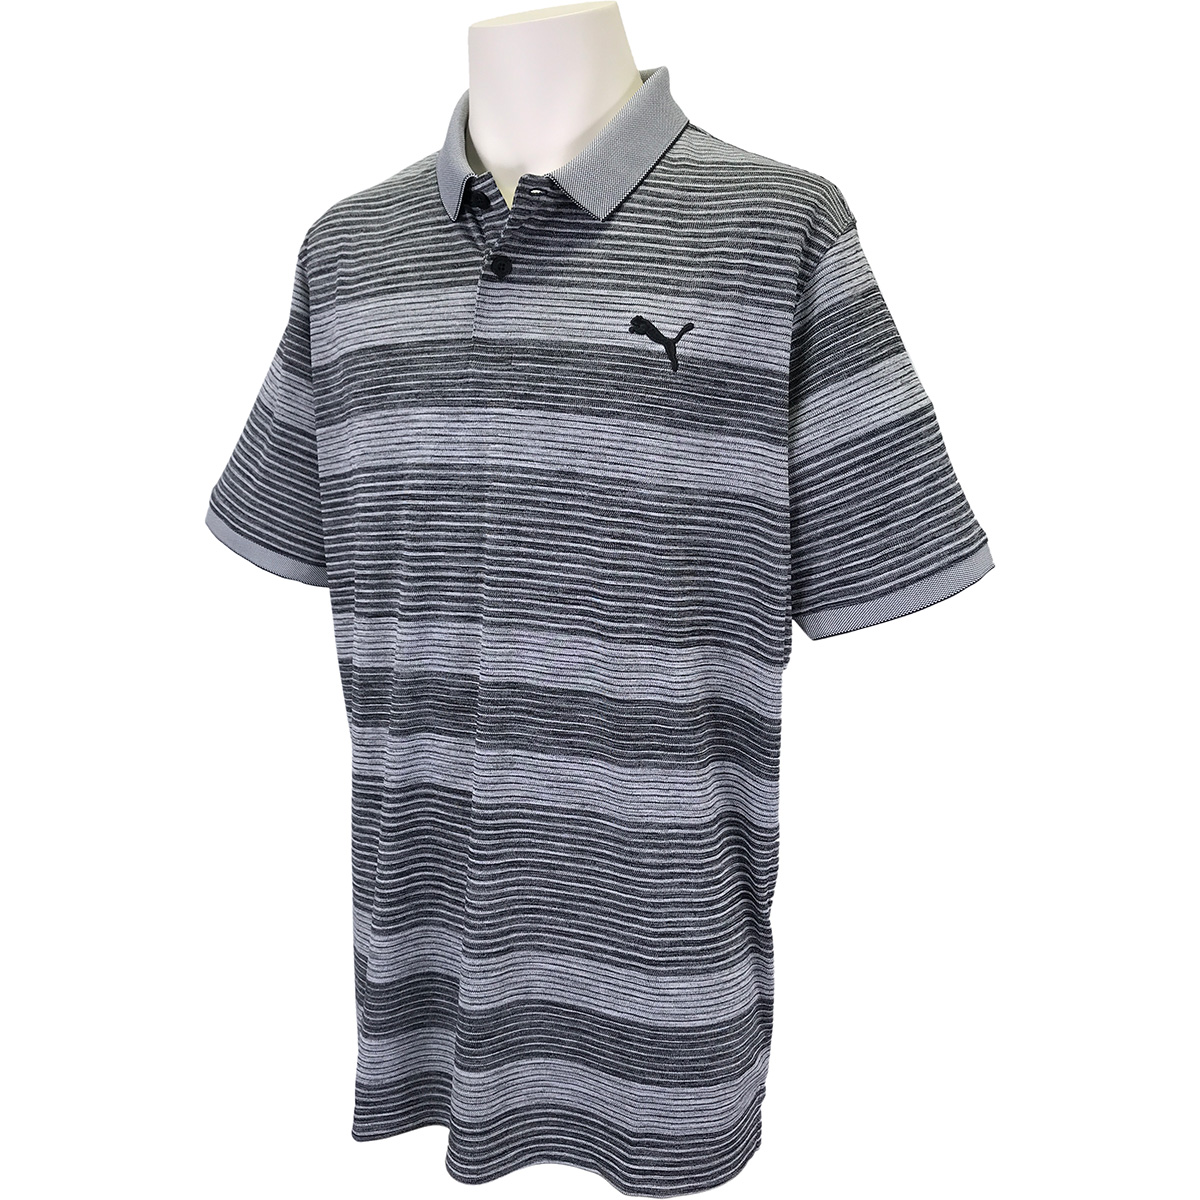 ランディング 半袖ポロシャツ